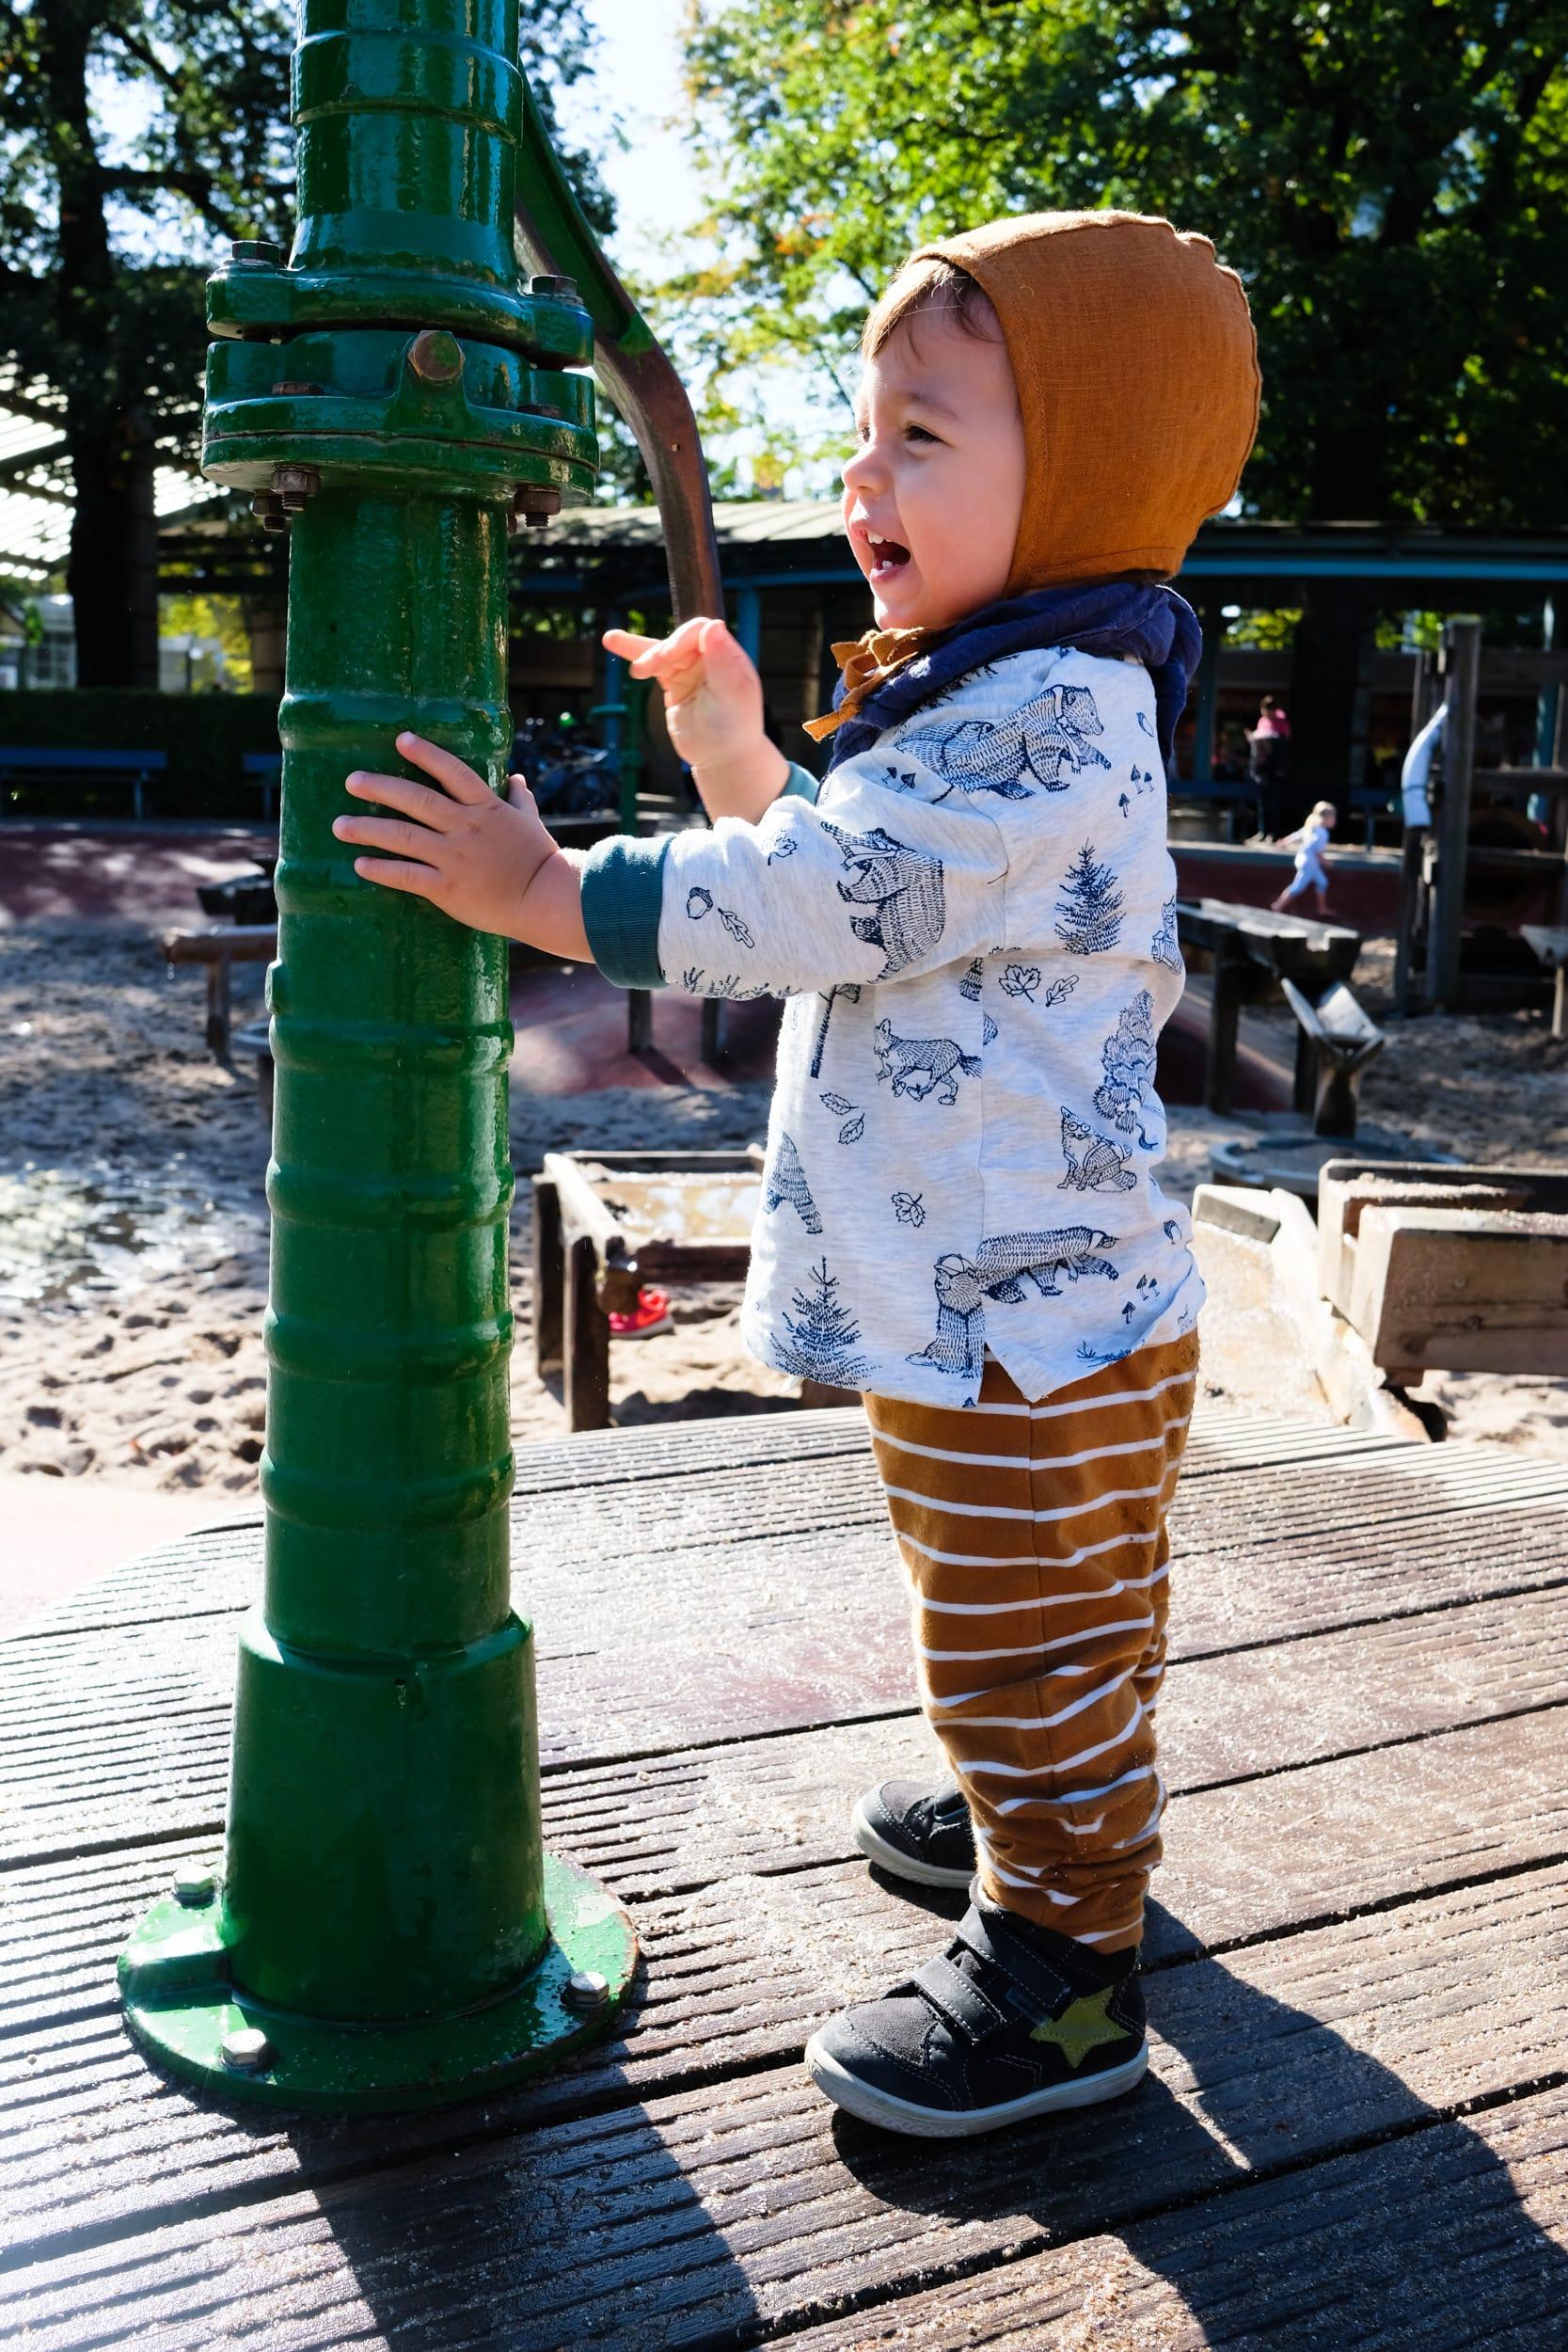 Kleinkind | Briar Handmade Bonnet | Spaß | Wasserspielplatz | Planten un Blomen | ivy.li